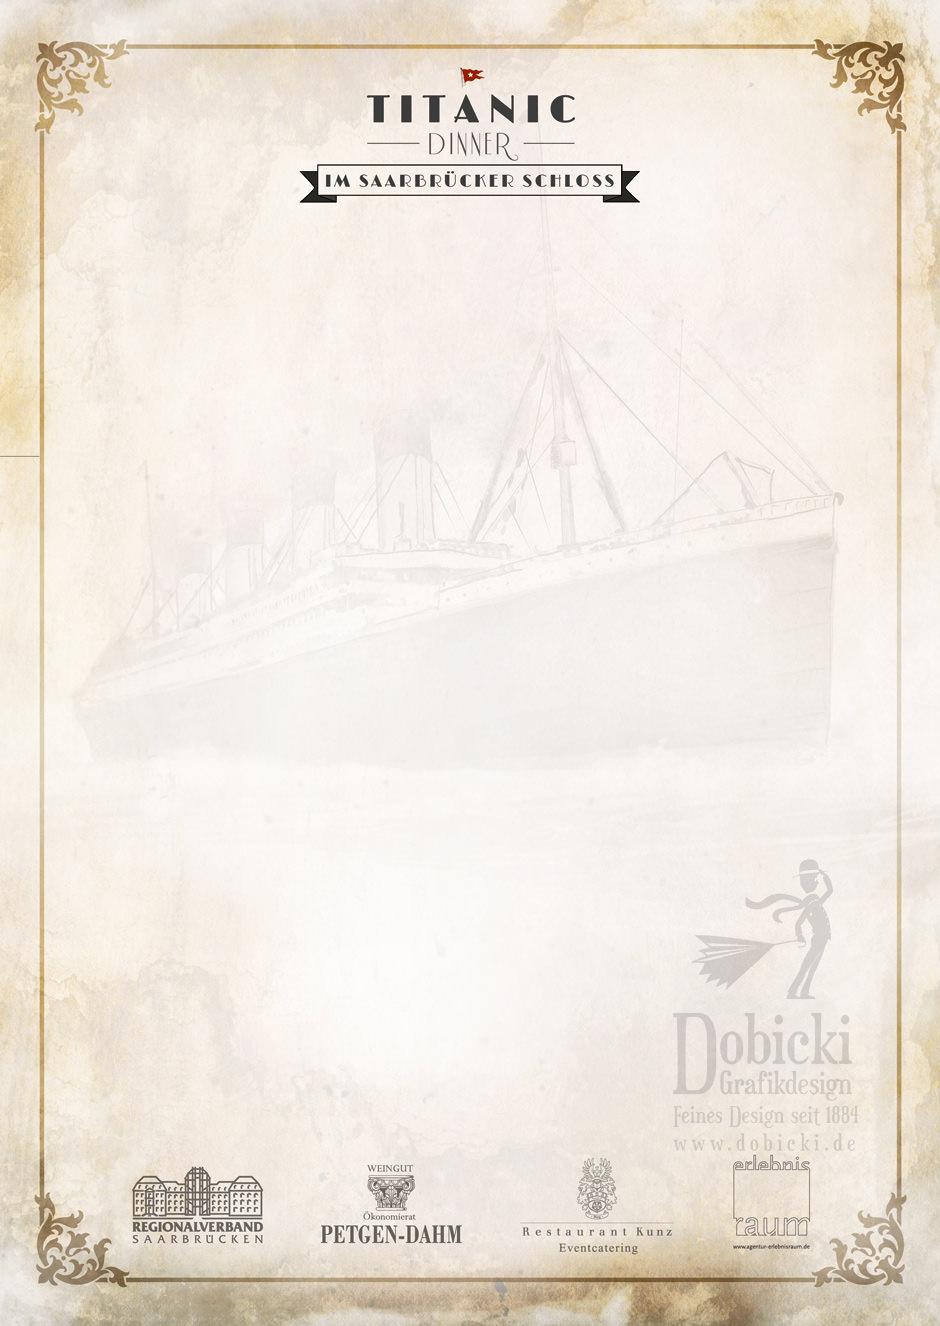 Briefpapier Titanic Dinner FRONT druckfinal